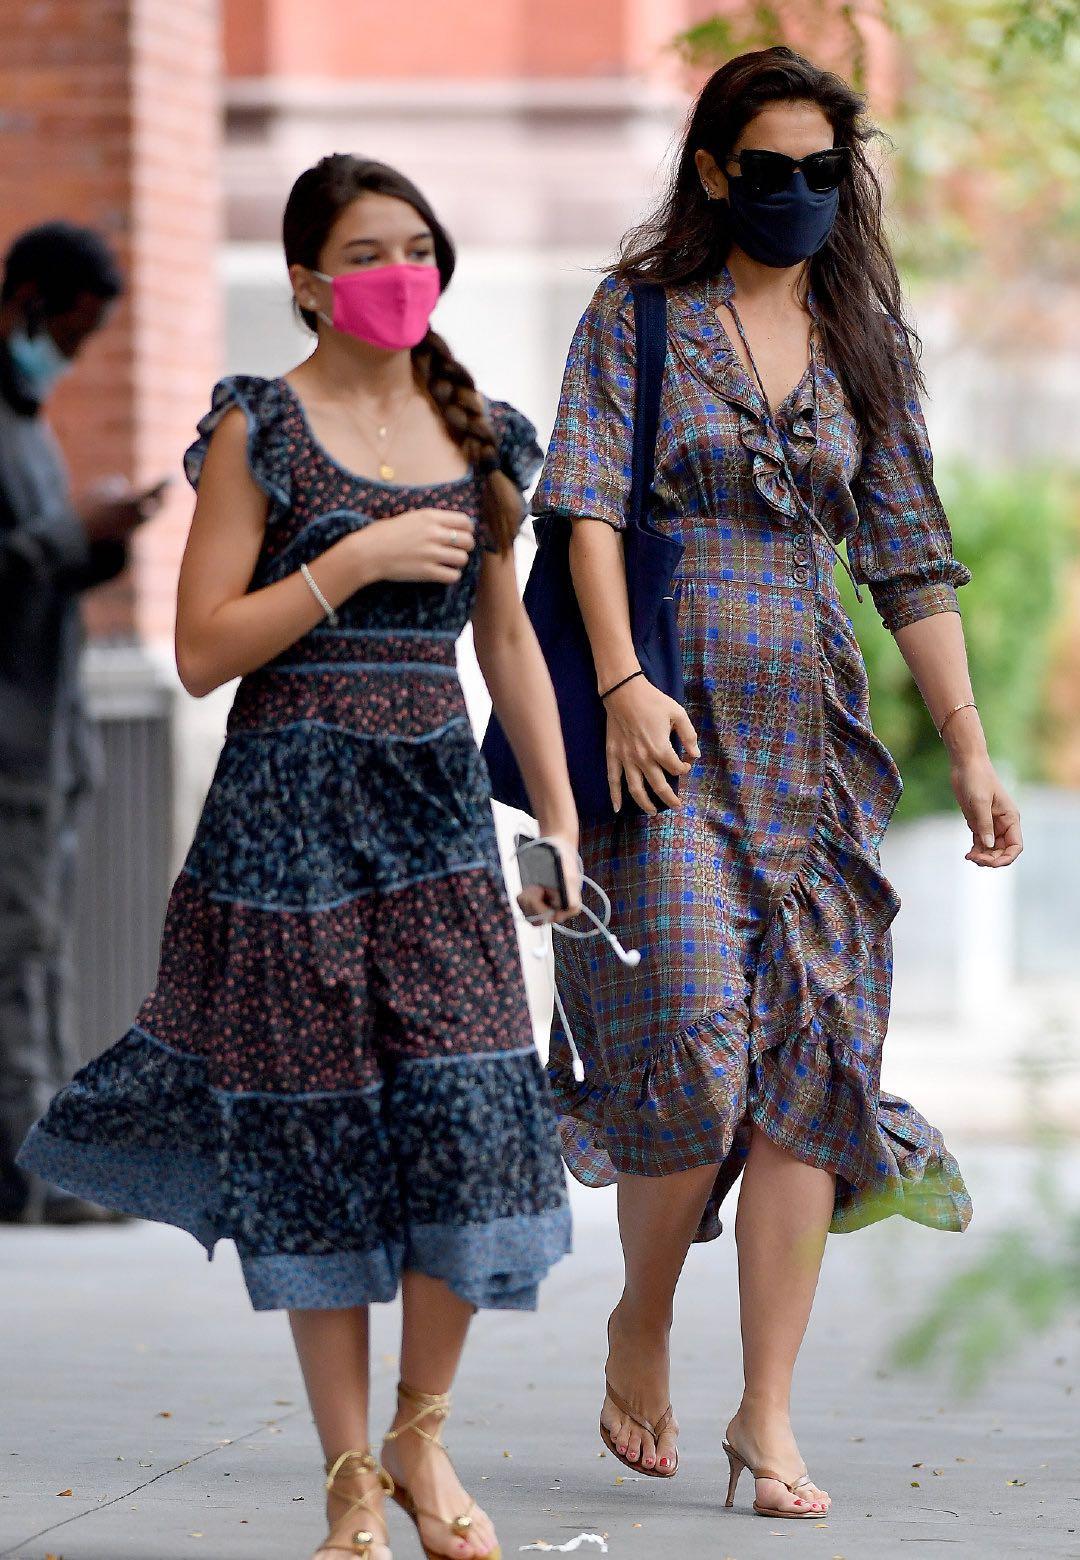 阿汤哥14岁女儿好靓!穿金色绑带鞋逛街,一身民族风打扮随妈